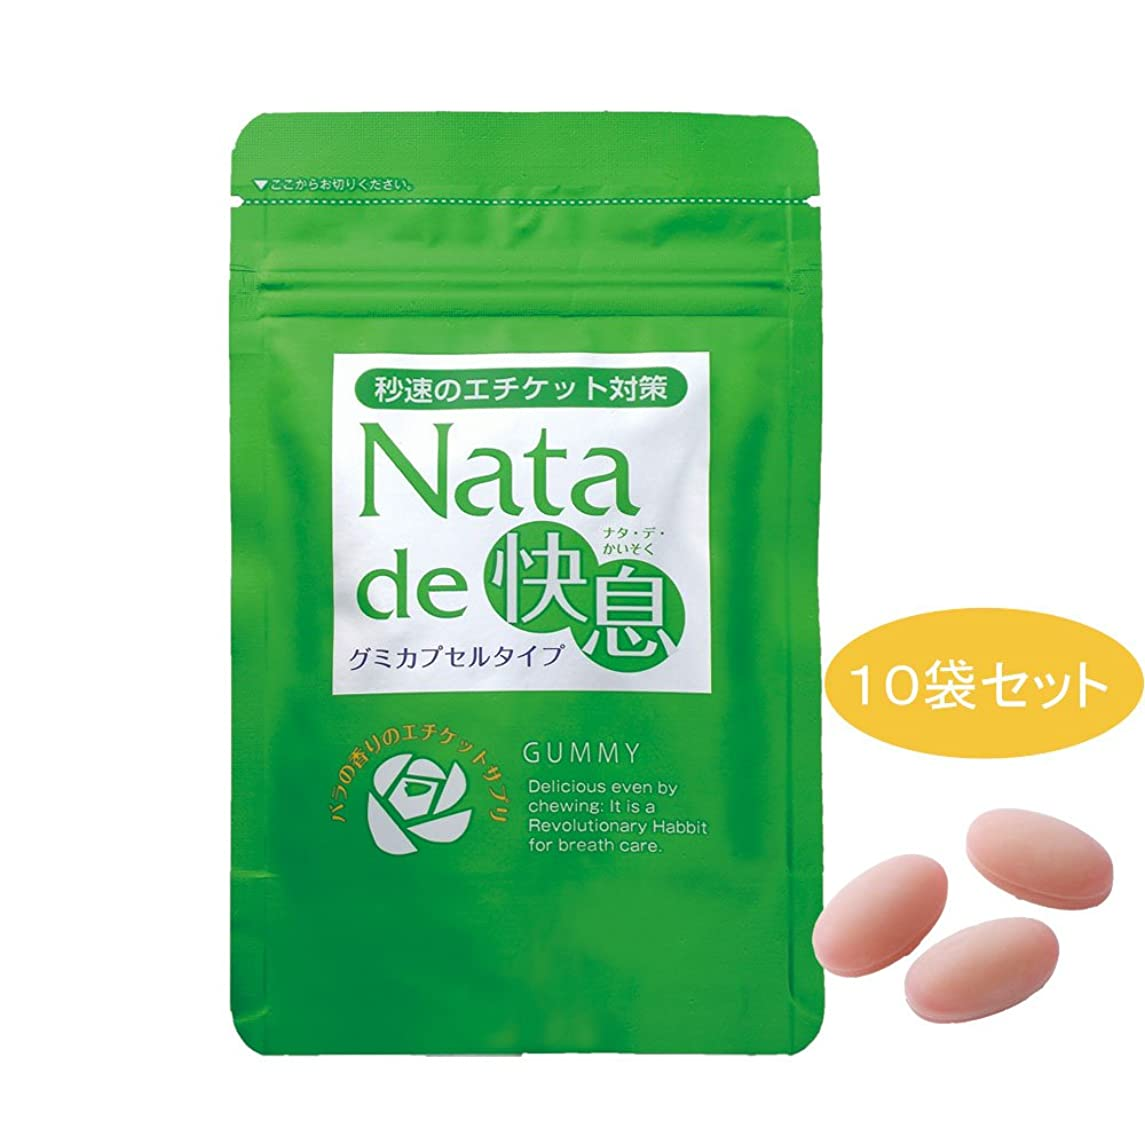 ナタデ快息 バラの香り 10袋